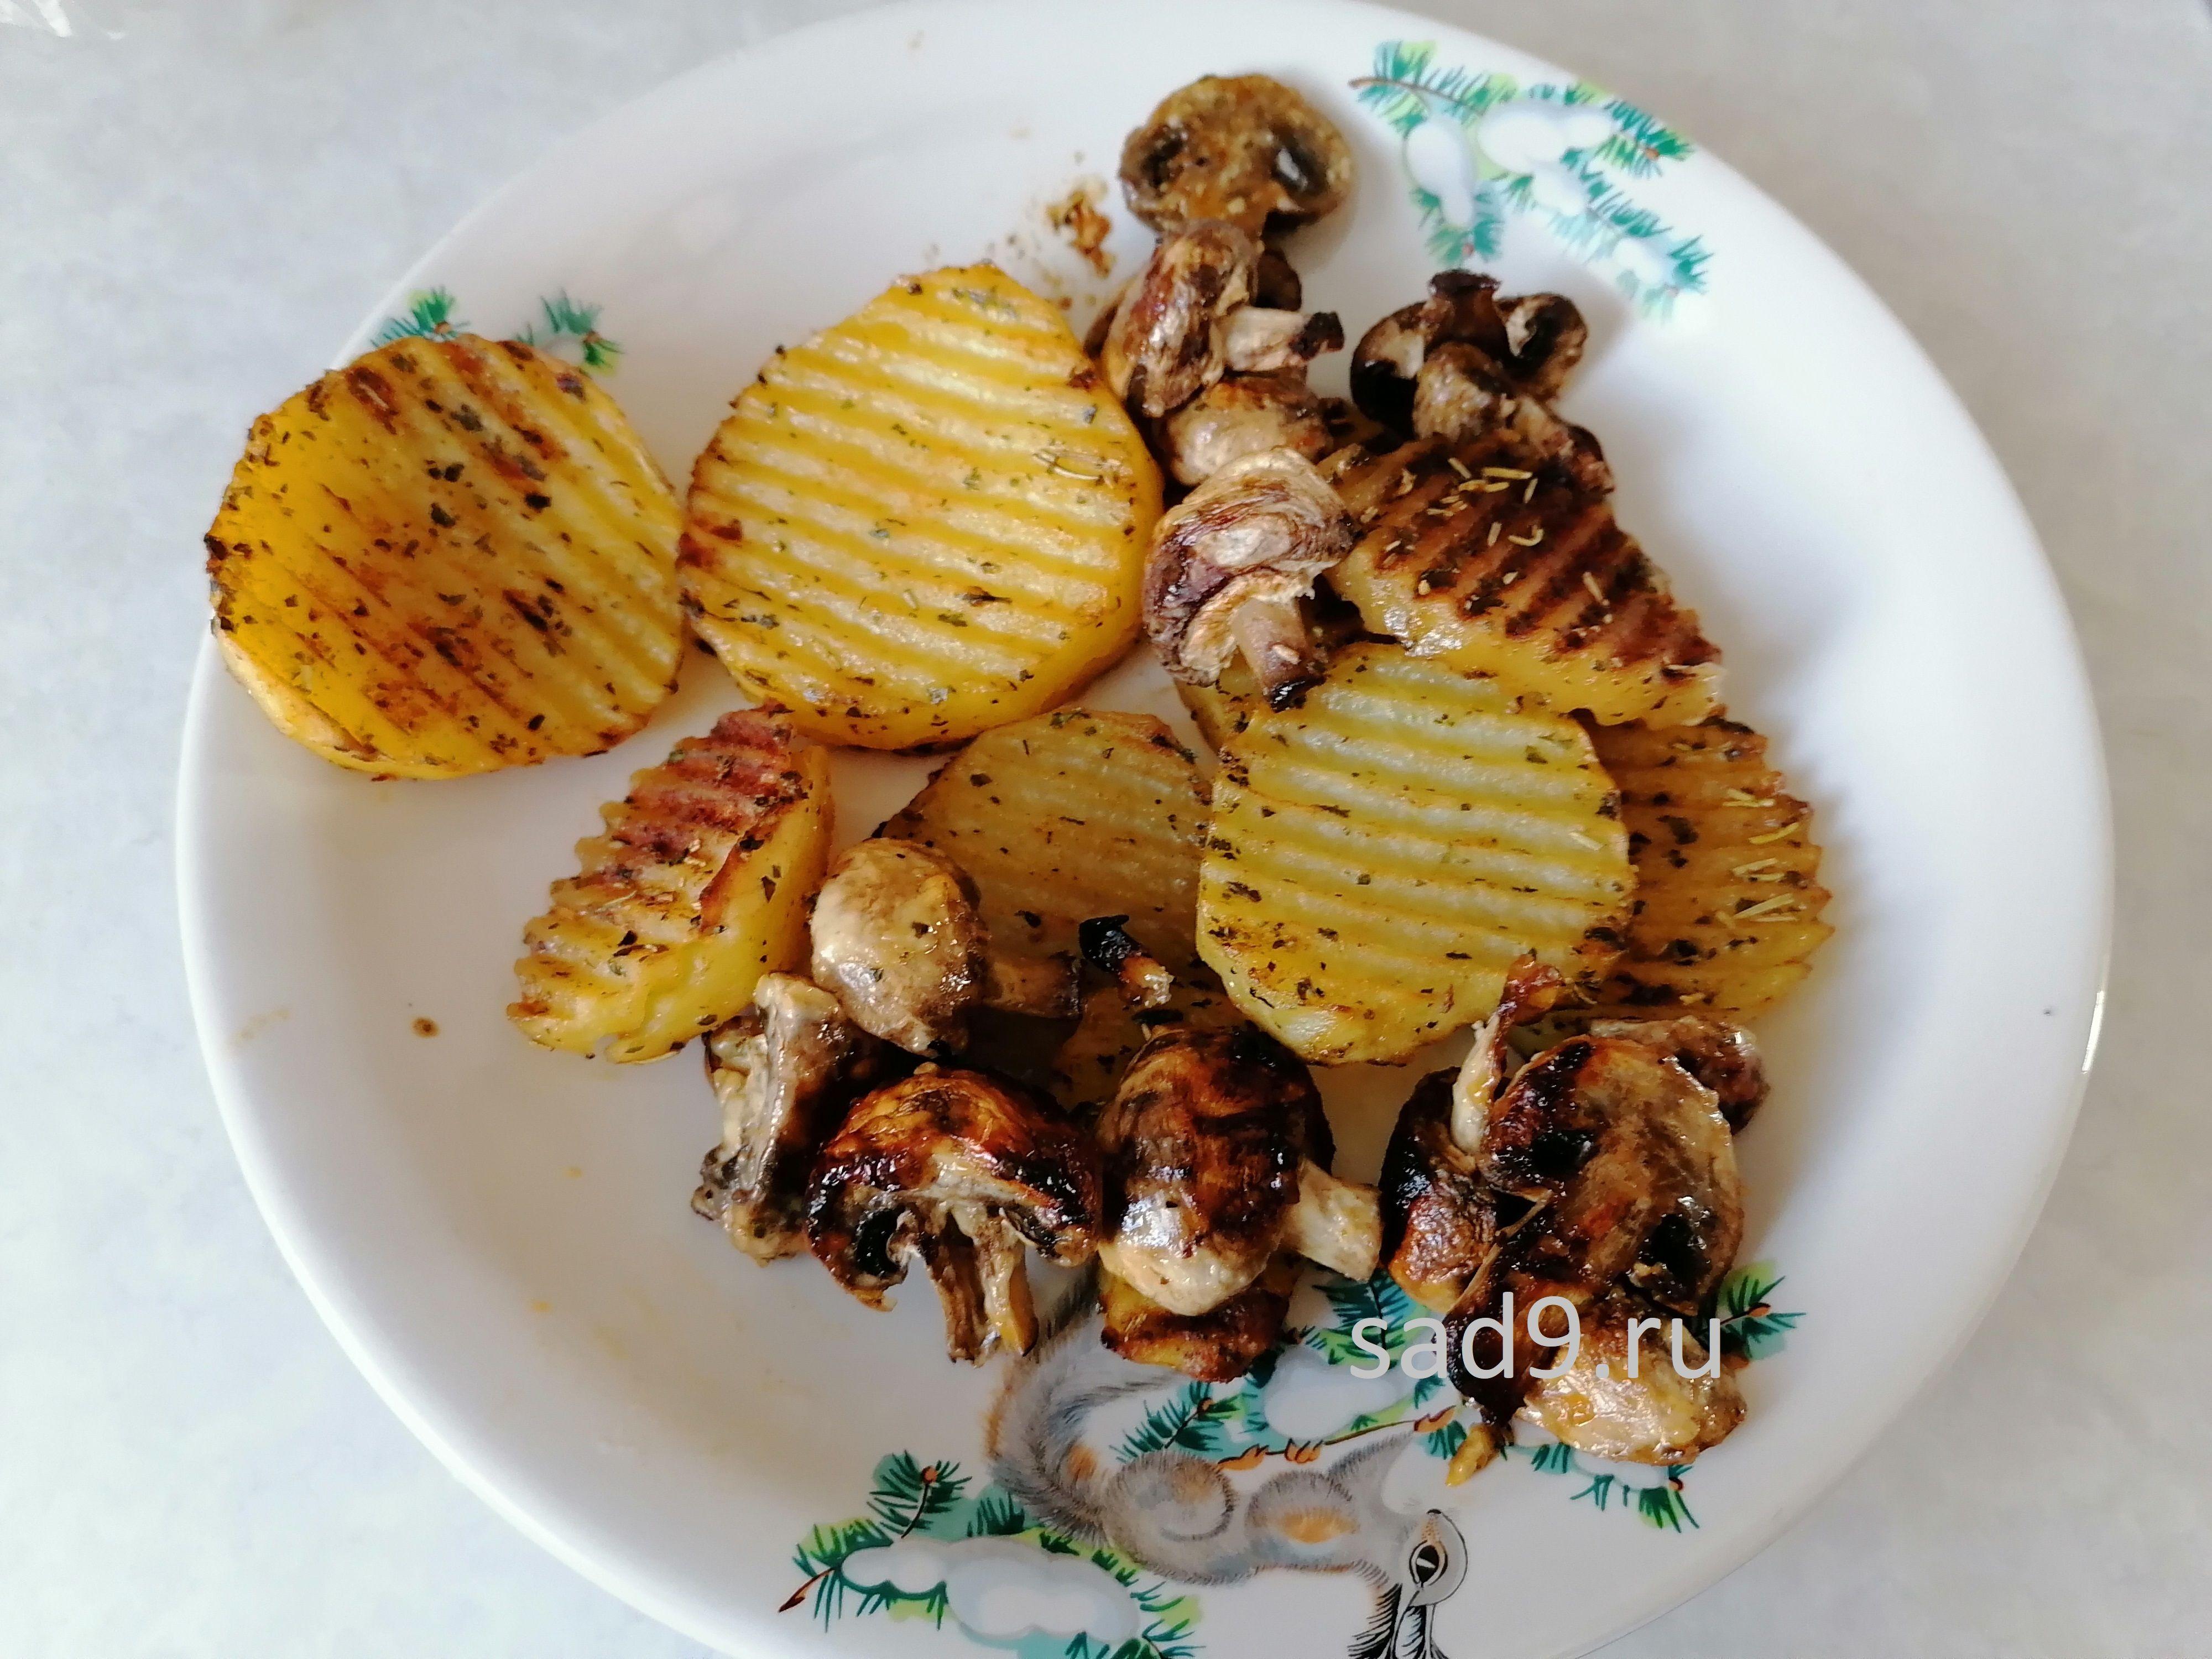 Вкусный и простой рецепт приготовления картофеля с грибами в духовке